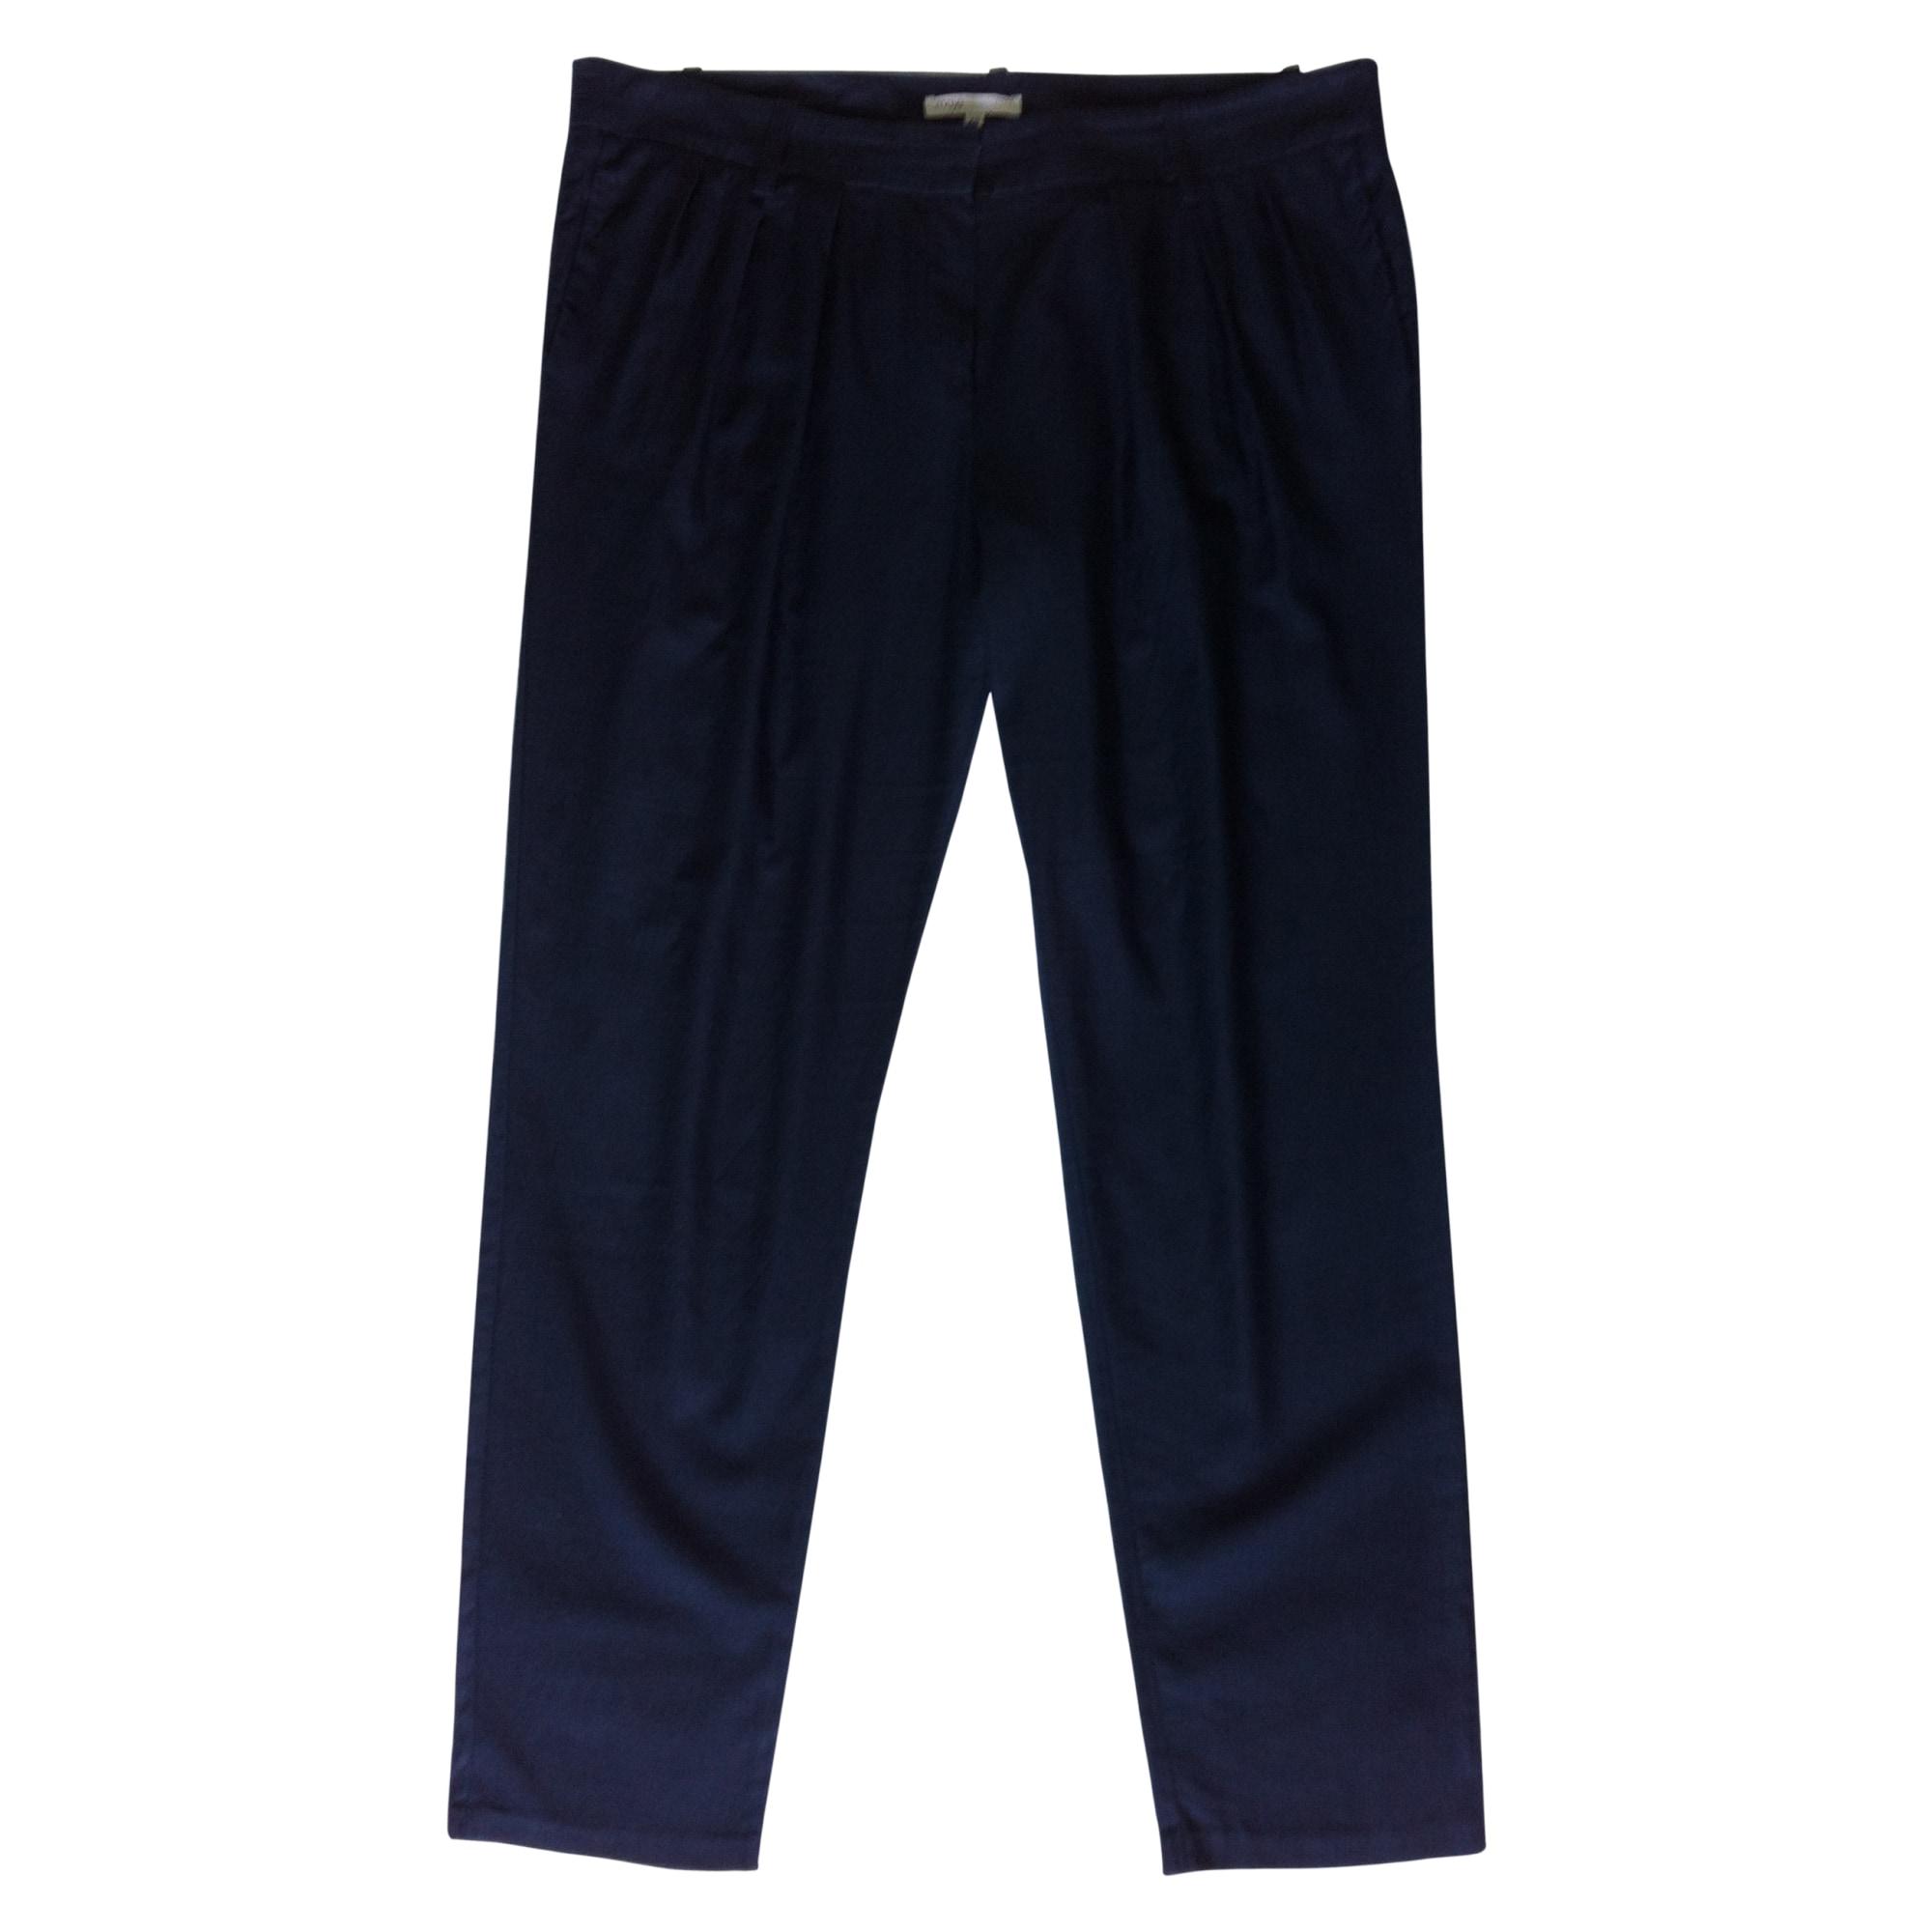 Pantalon carotte MAJE Bleu, bleu marine, bleu turquoise